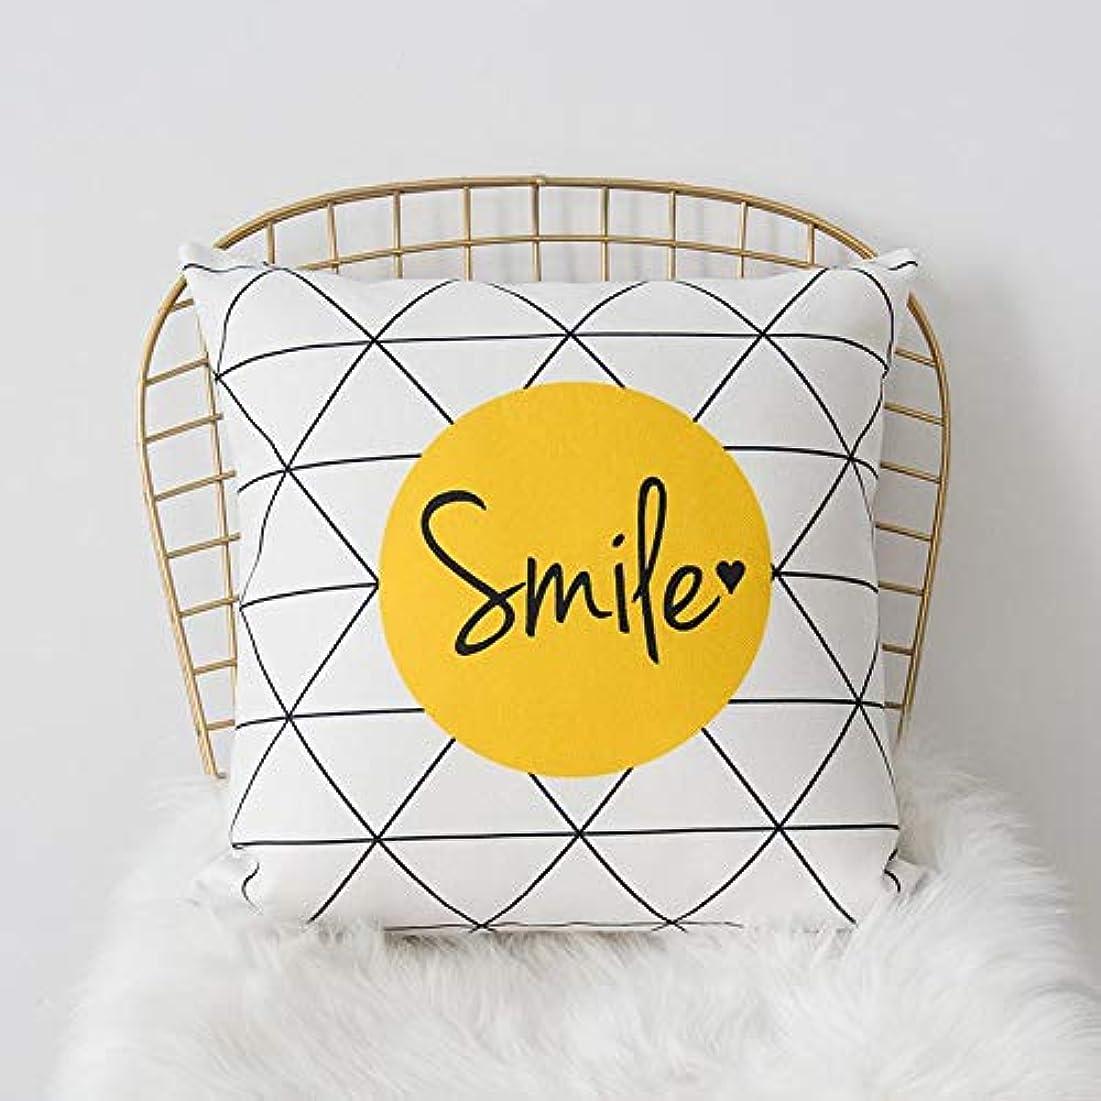 そっと答えセンチメートルSMART 黄色グレー枕北欧スタイル黄色ヘラジカ幾何枕リビングルームのインテリアソファクッション Cojines 装飾良質 クッション 椅子